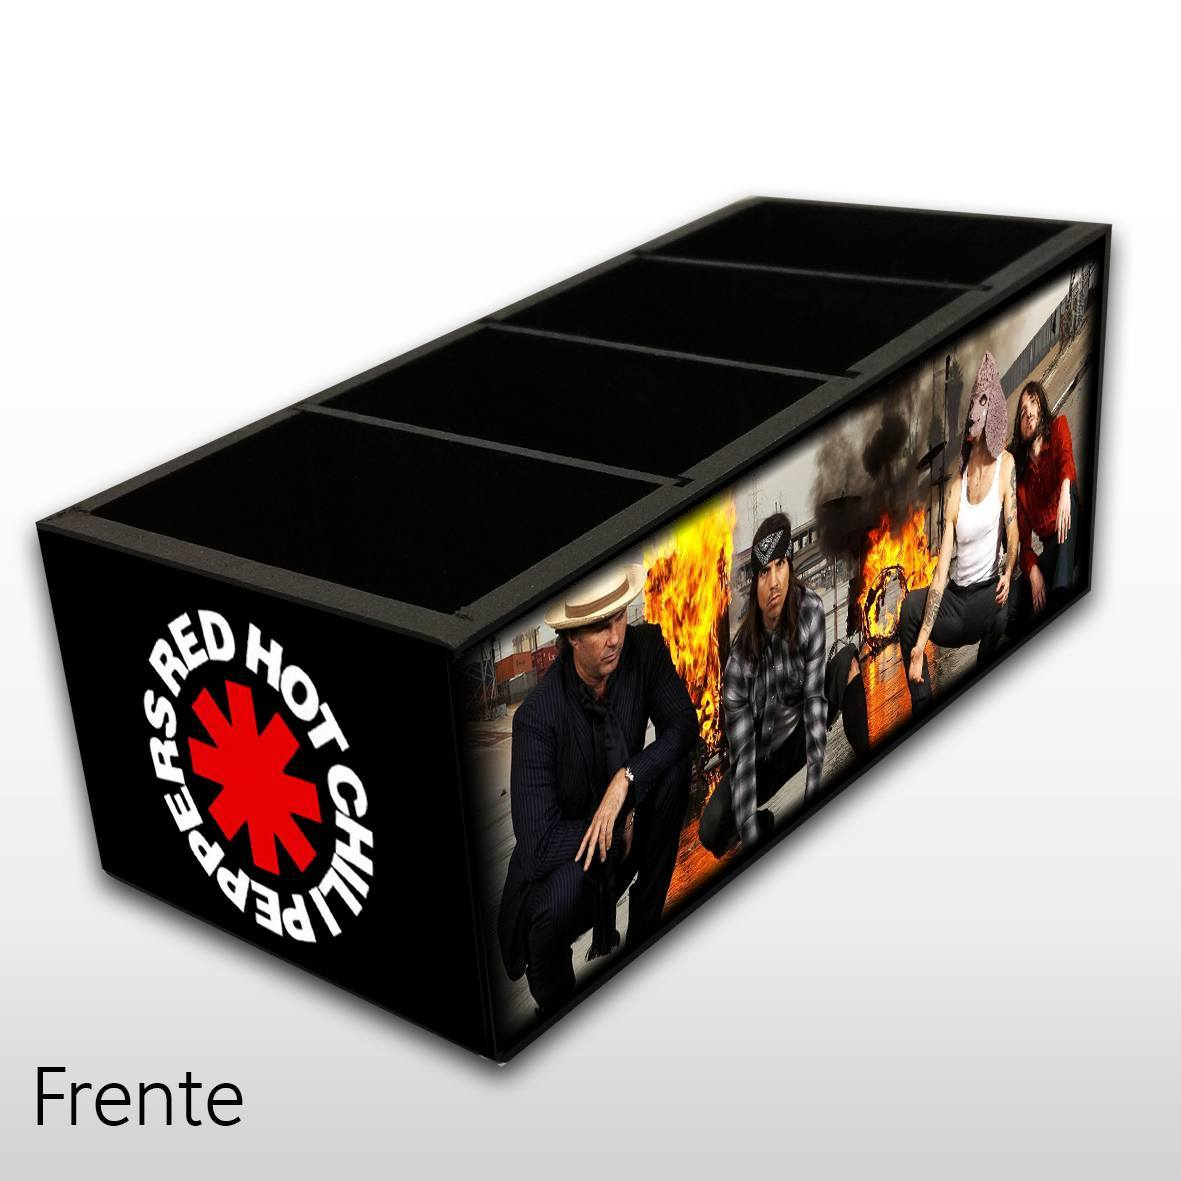 Porta Controle Remoto em Madeira MDF com 4 Espaços Mr. Rock Red Hot Chilli Peppers